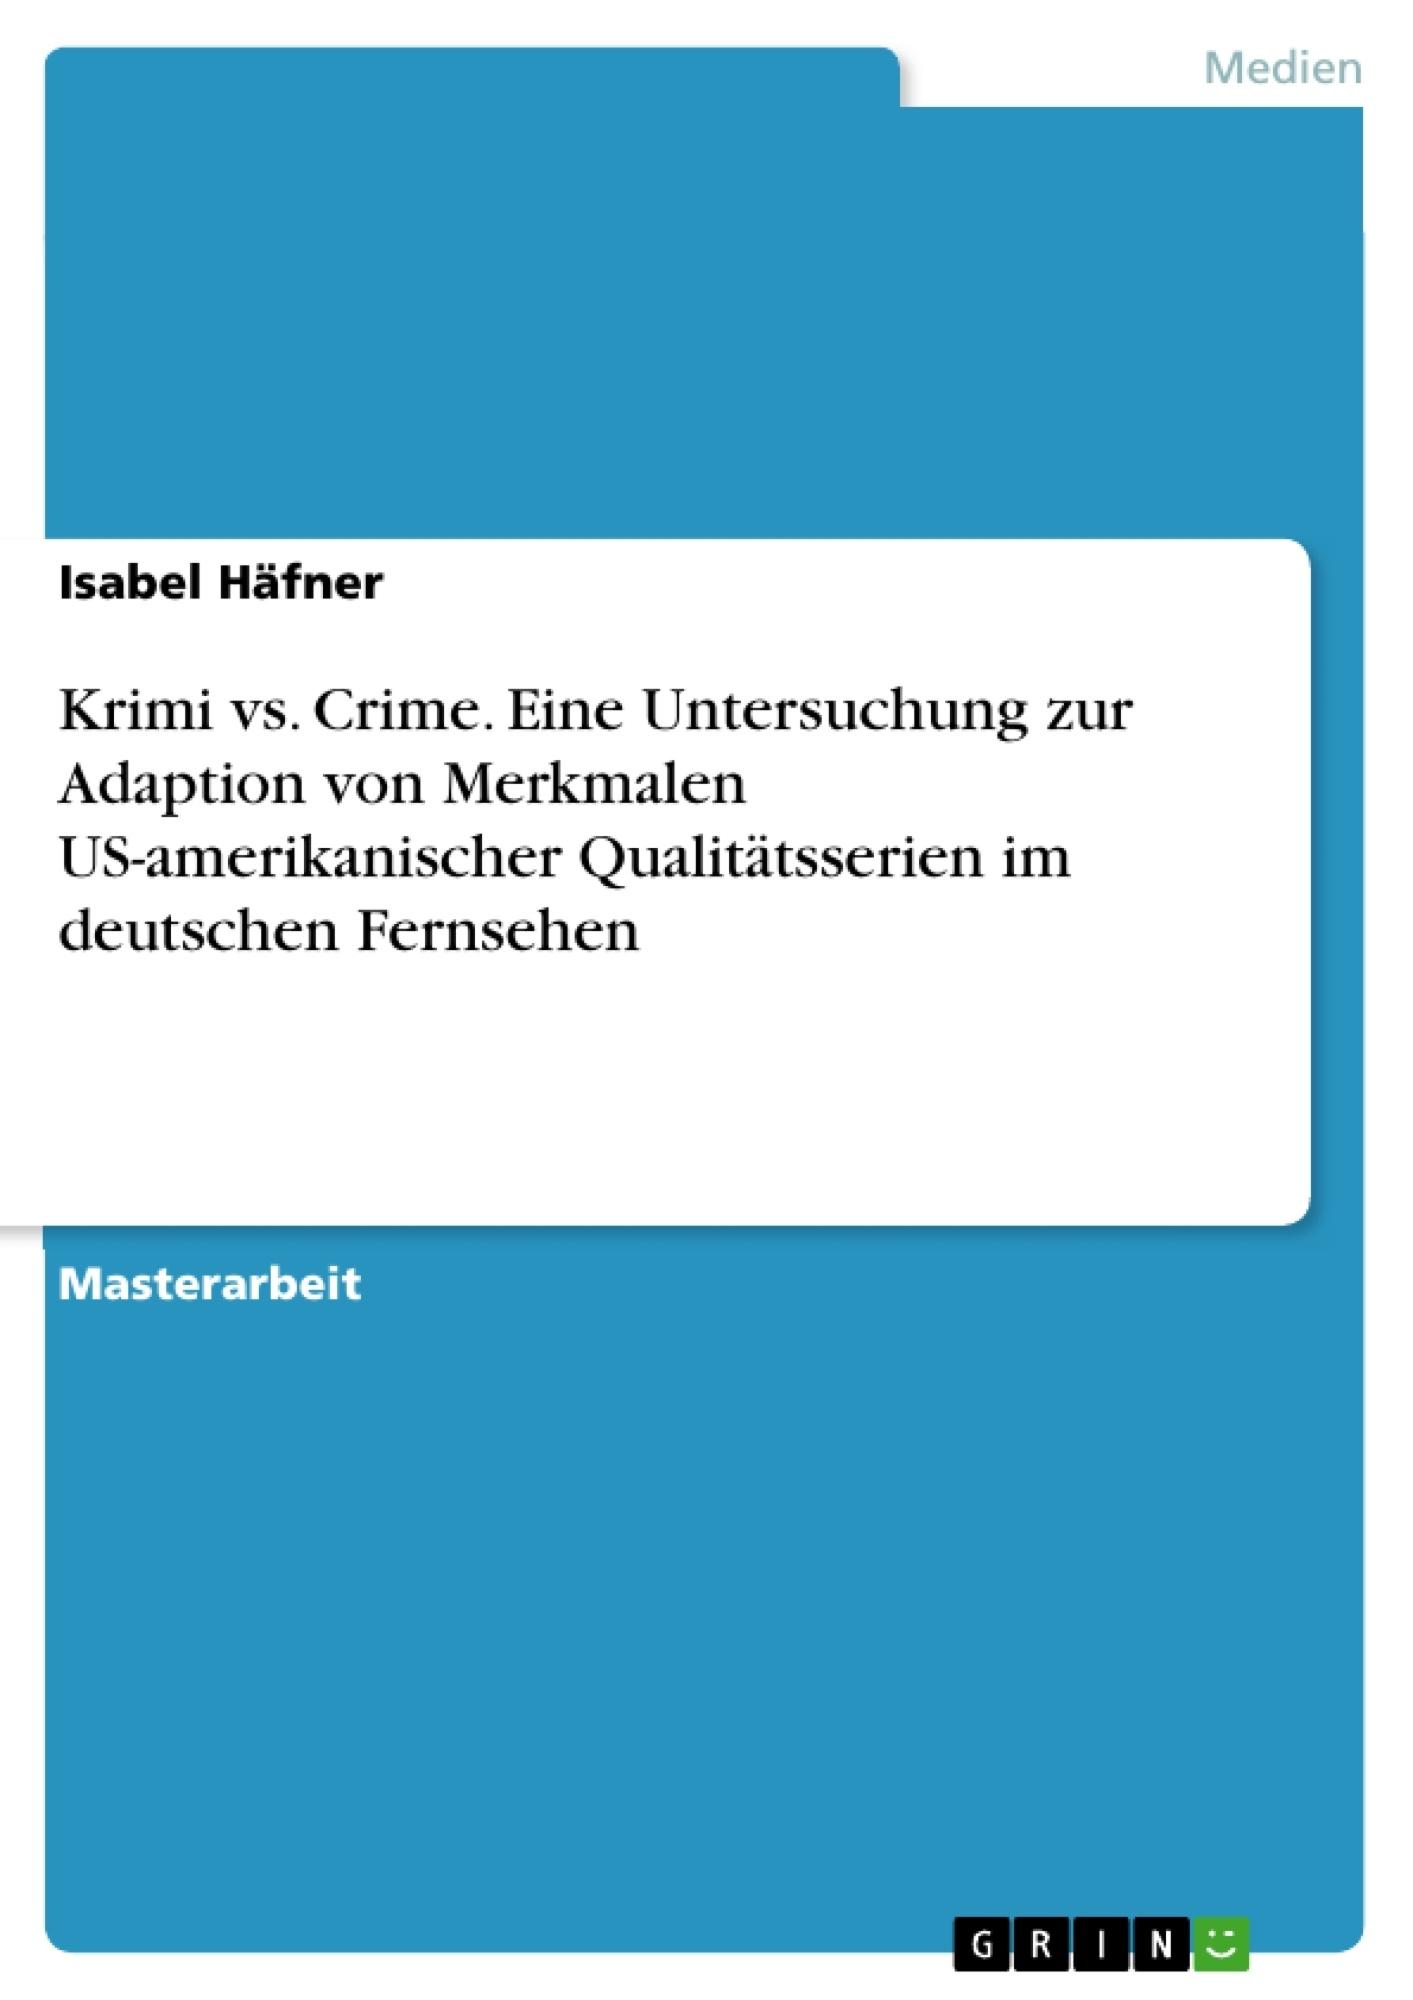 Titel: Krimi vs. Crime. Eine Untersuchung zur Adaption von Merkmalen US-amerikanischer Qualitätsserien im deutschen Fernsehen